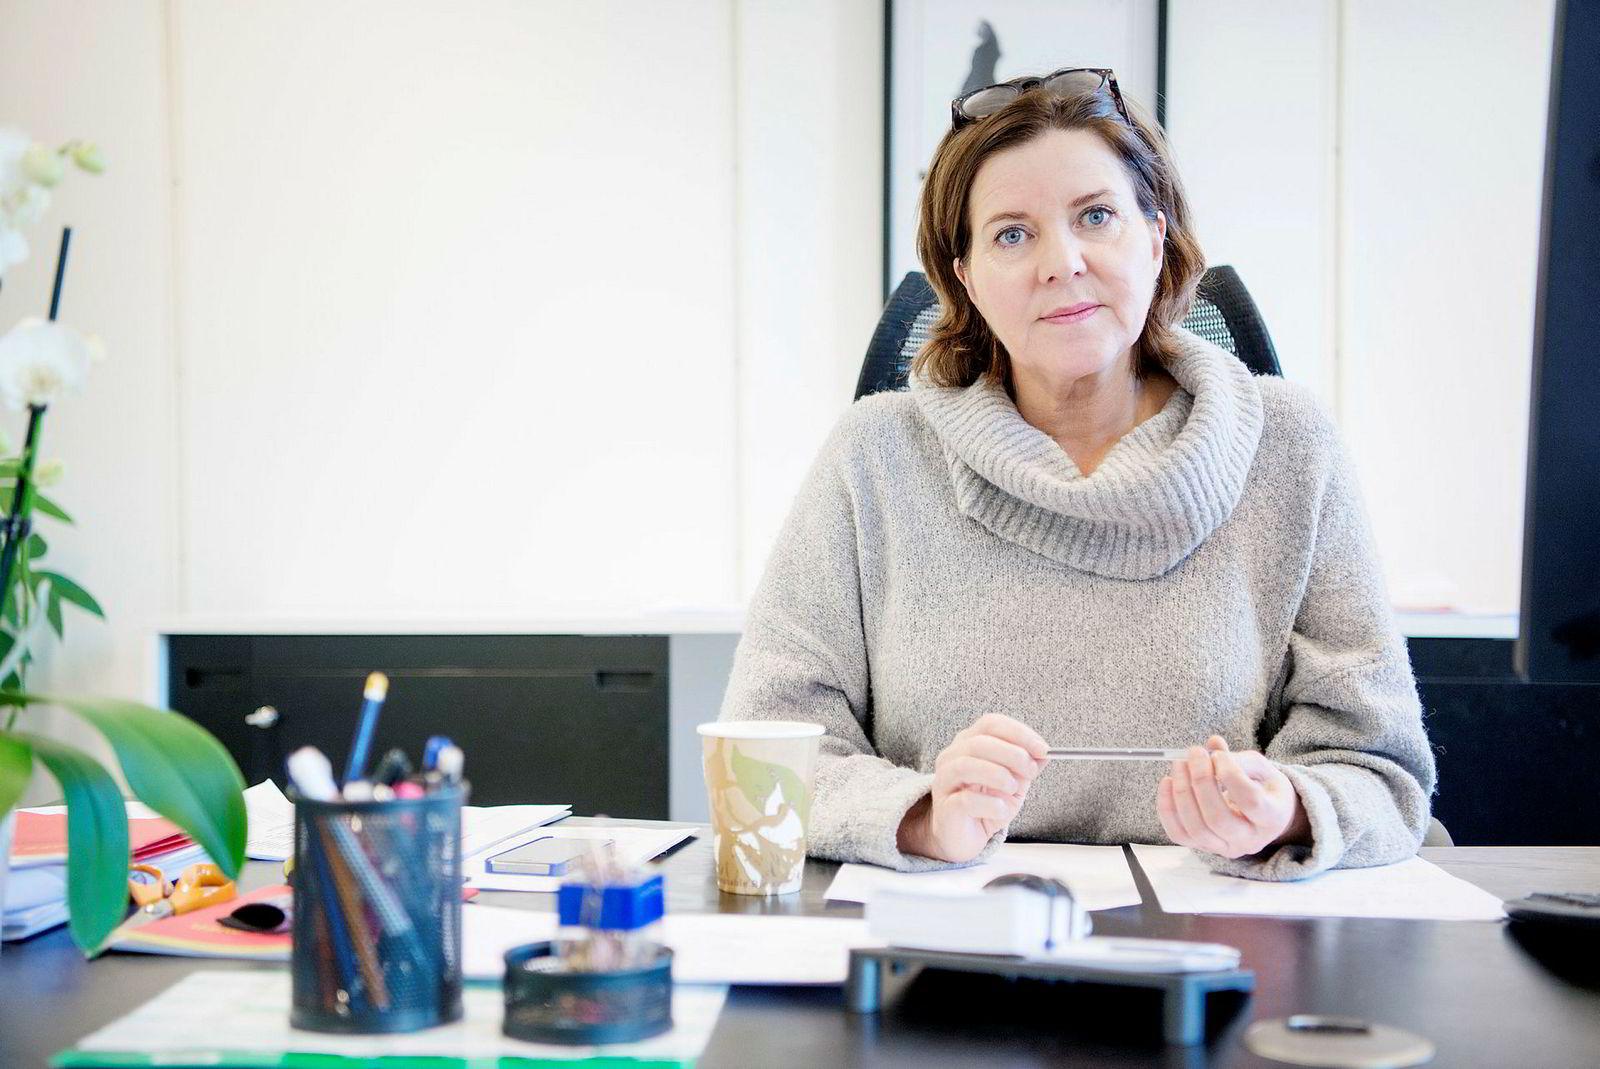 Likestillingsombud Hanne Bjurstrøm mener at mange ikke er klar over hvor godt beskyttet mødre og fedre i foreldrepermisjon skal være i arbeidslivet.